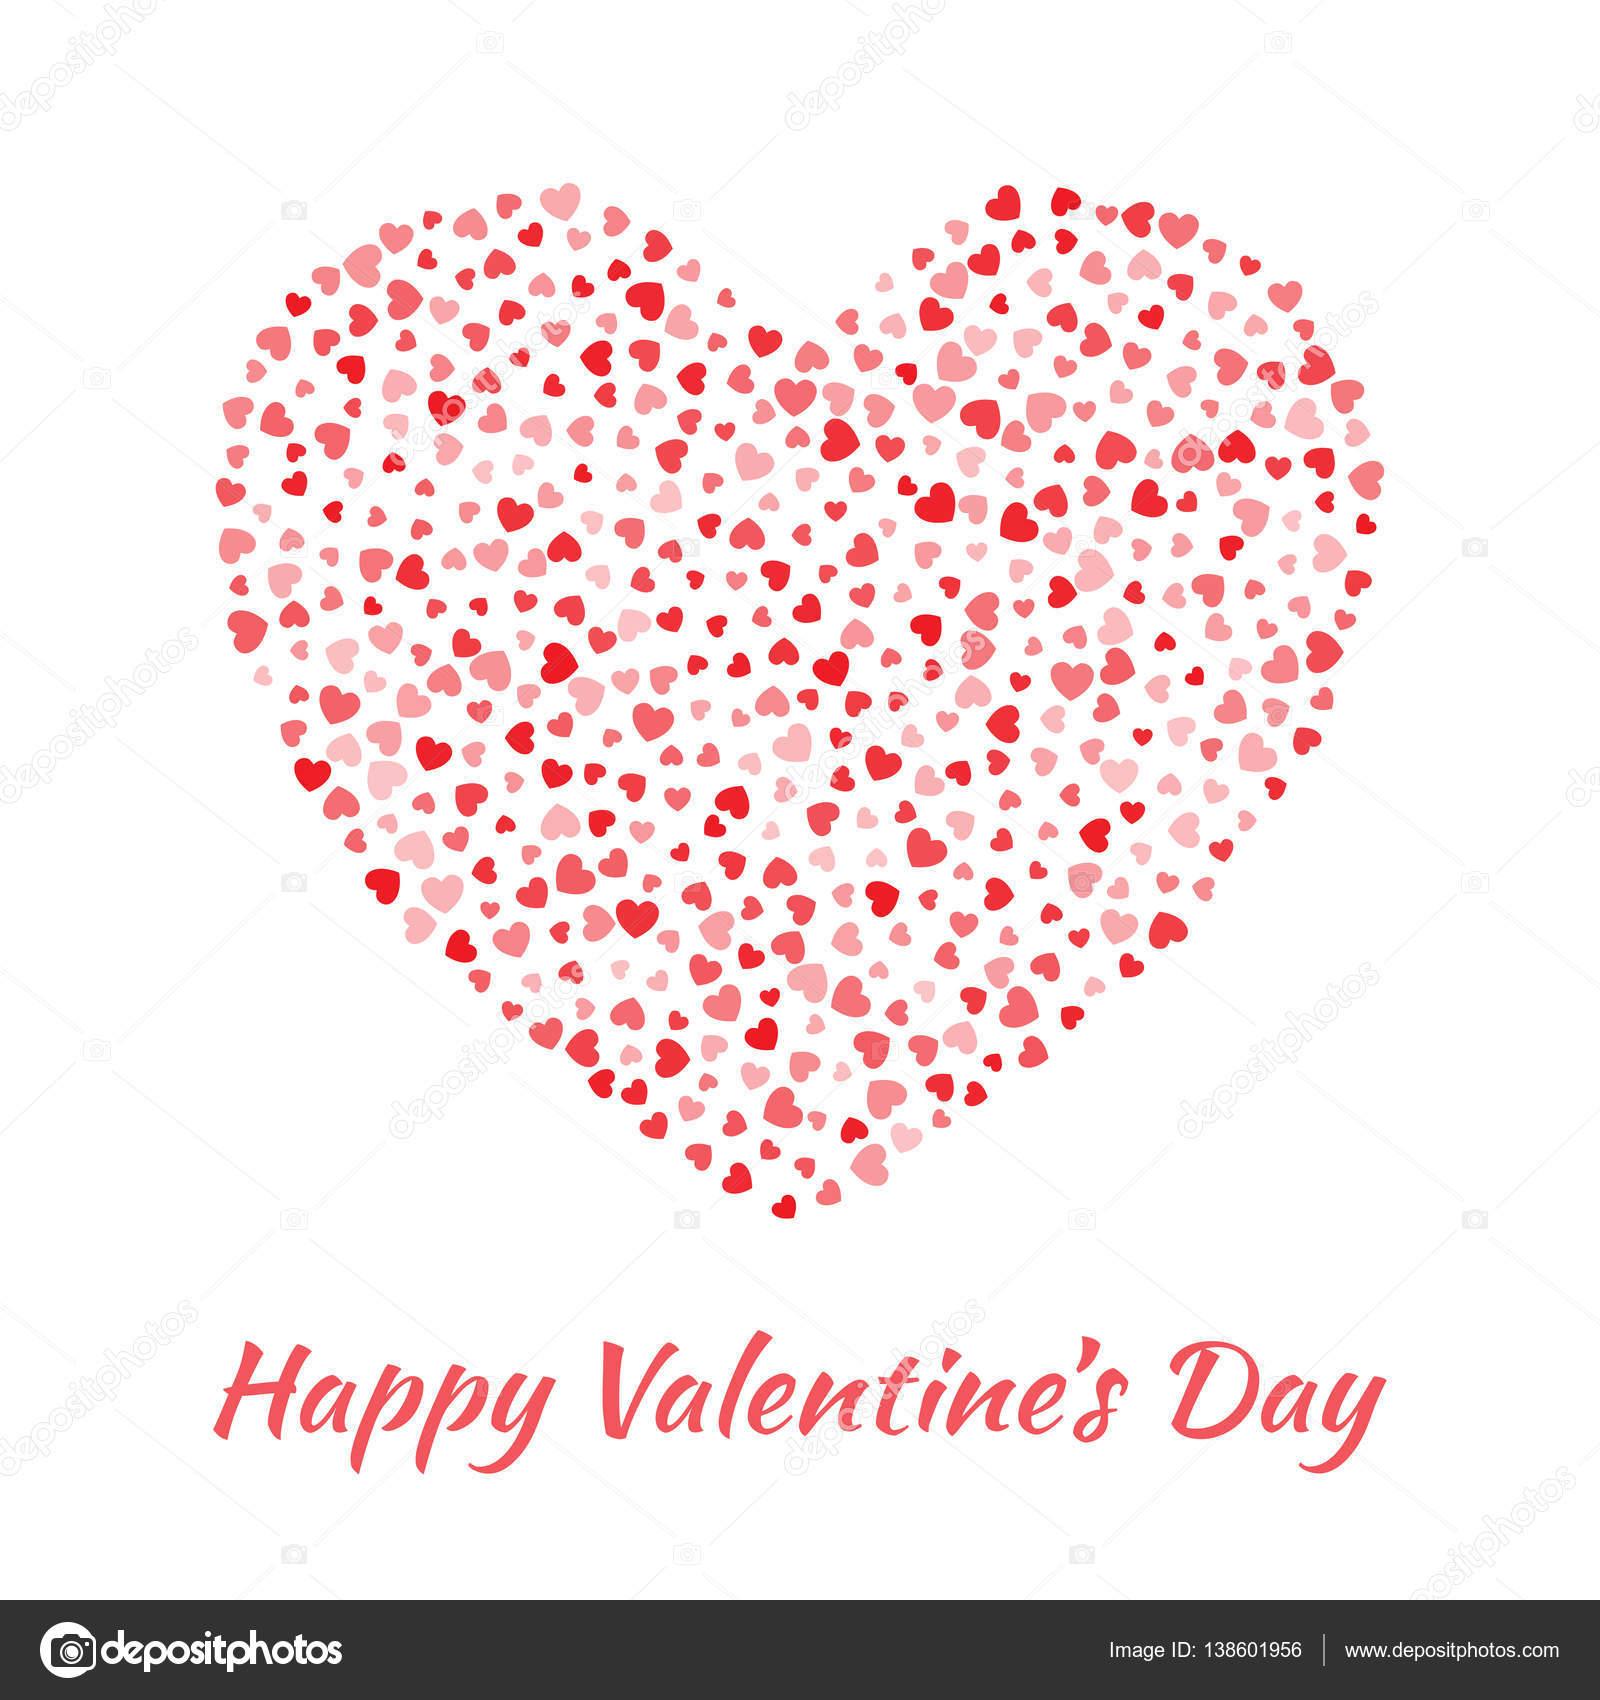 Abstraktes Vektor Elegante Herz Mit Kleinen Roten Herzen Für Valentinstag  Karte Hintergrunddesign. Hochzeit Einladung Karte